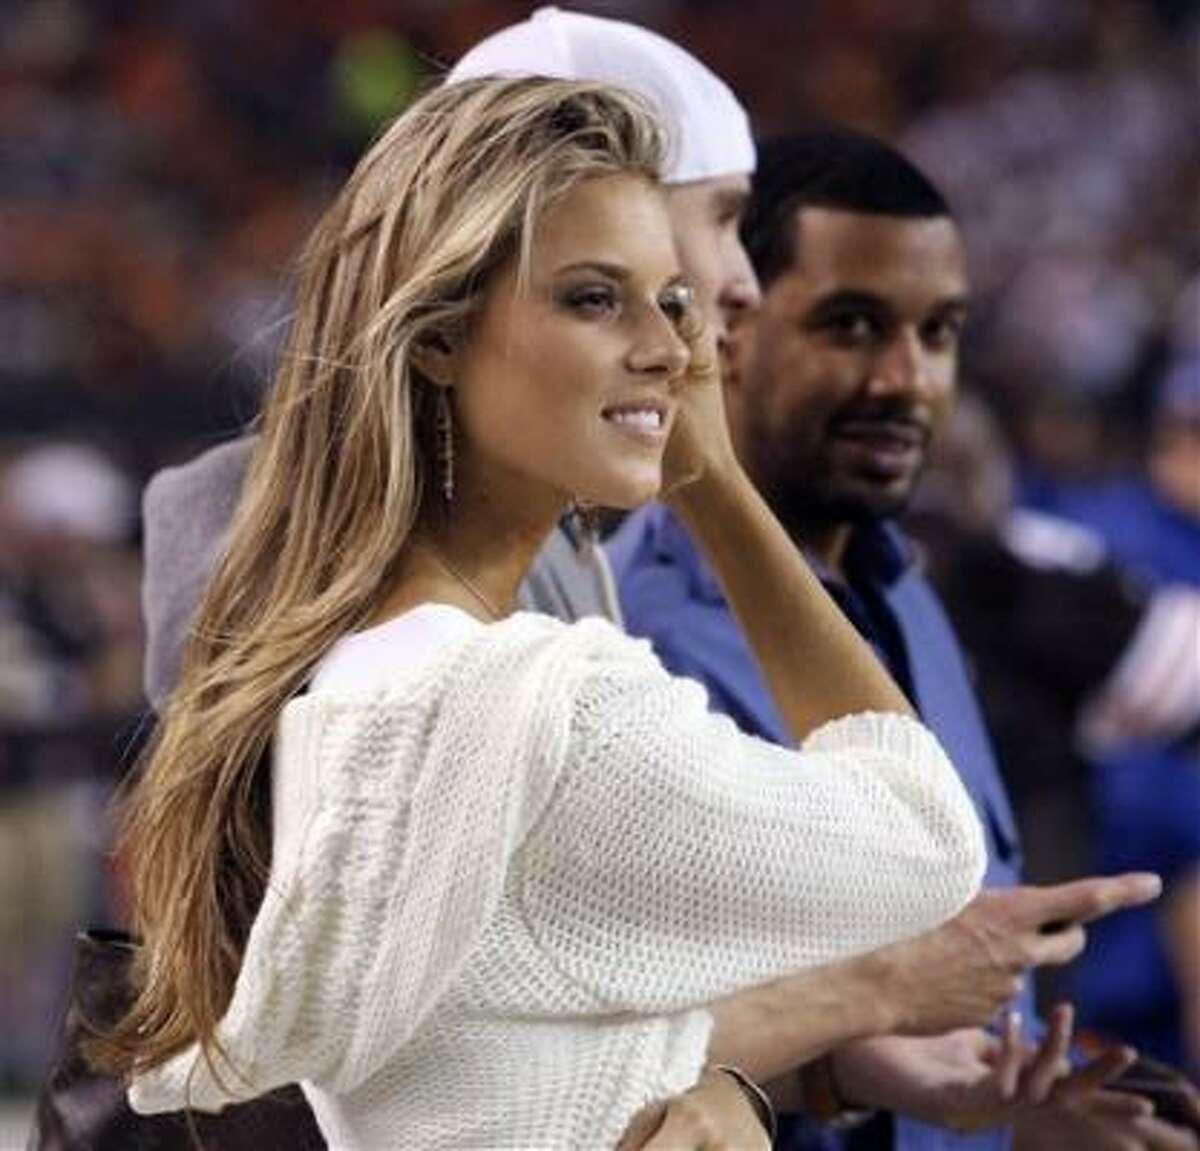 En esta foto de archivo del 14 de septiembre de 2008, aparece Carrie Prejean, Miss California. Los organizadores del concurso Miss California tratan de determinar si la señorita Prejean ha violado su contrato. (Foto de AP/Scott Heckel, The Repository).